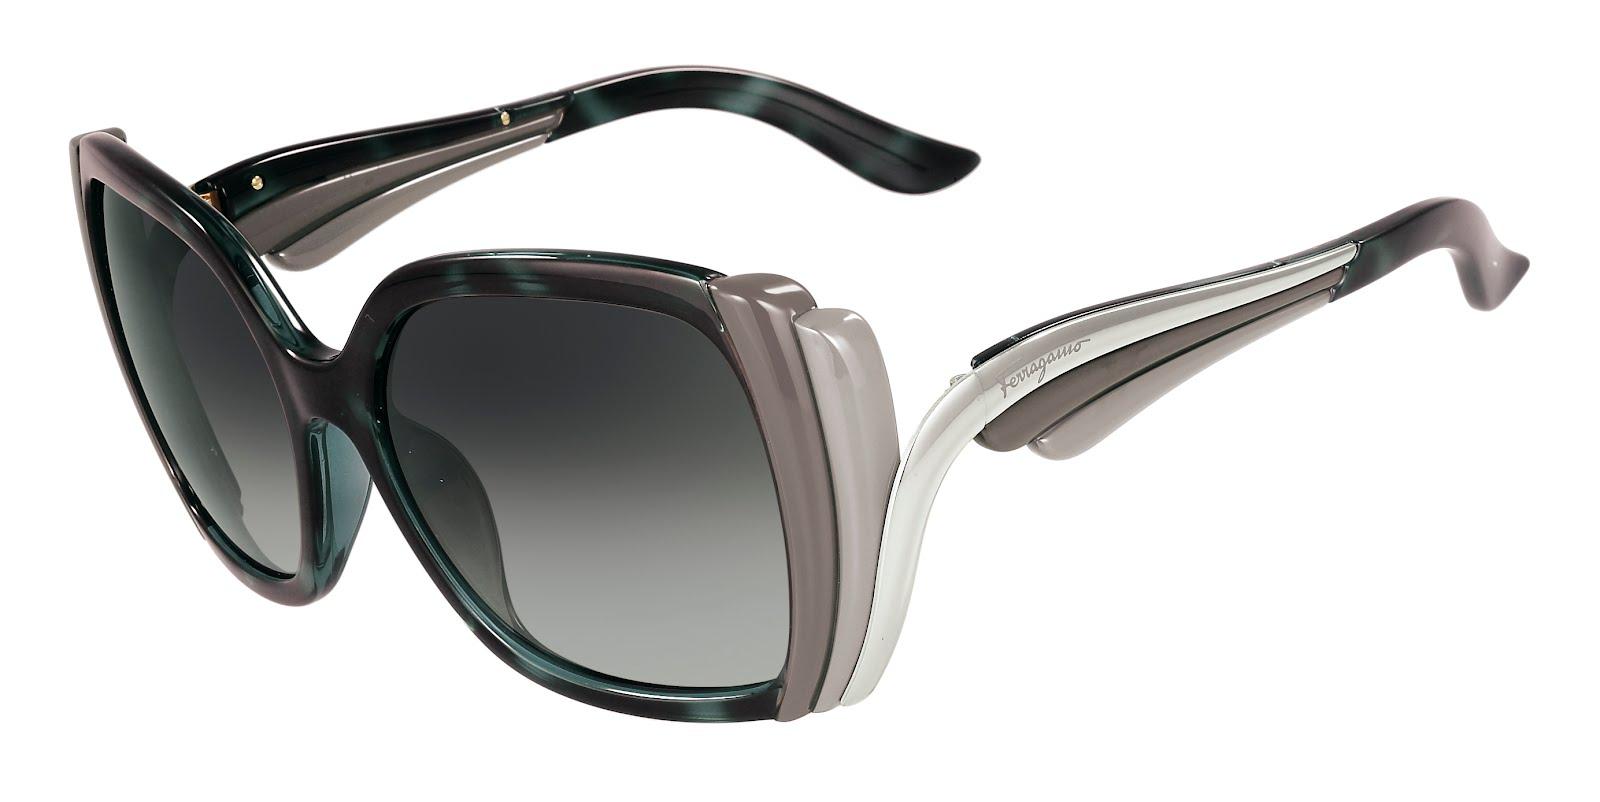 Las gafas del verano....son las Arcobaleno de Salvatore Ferragamo ...